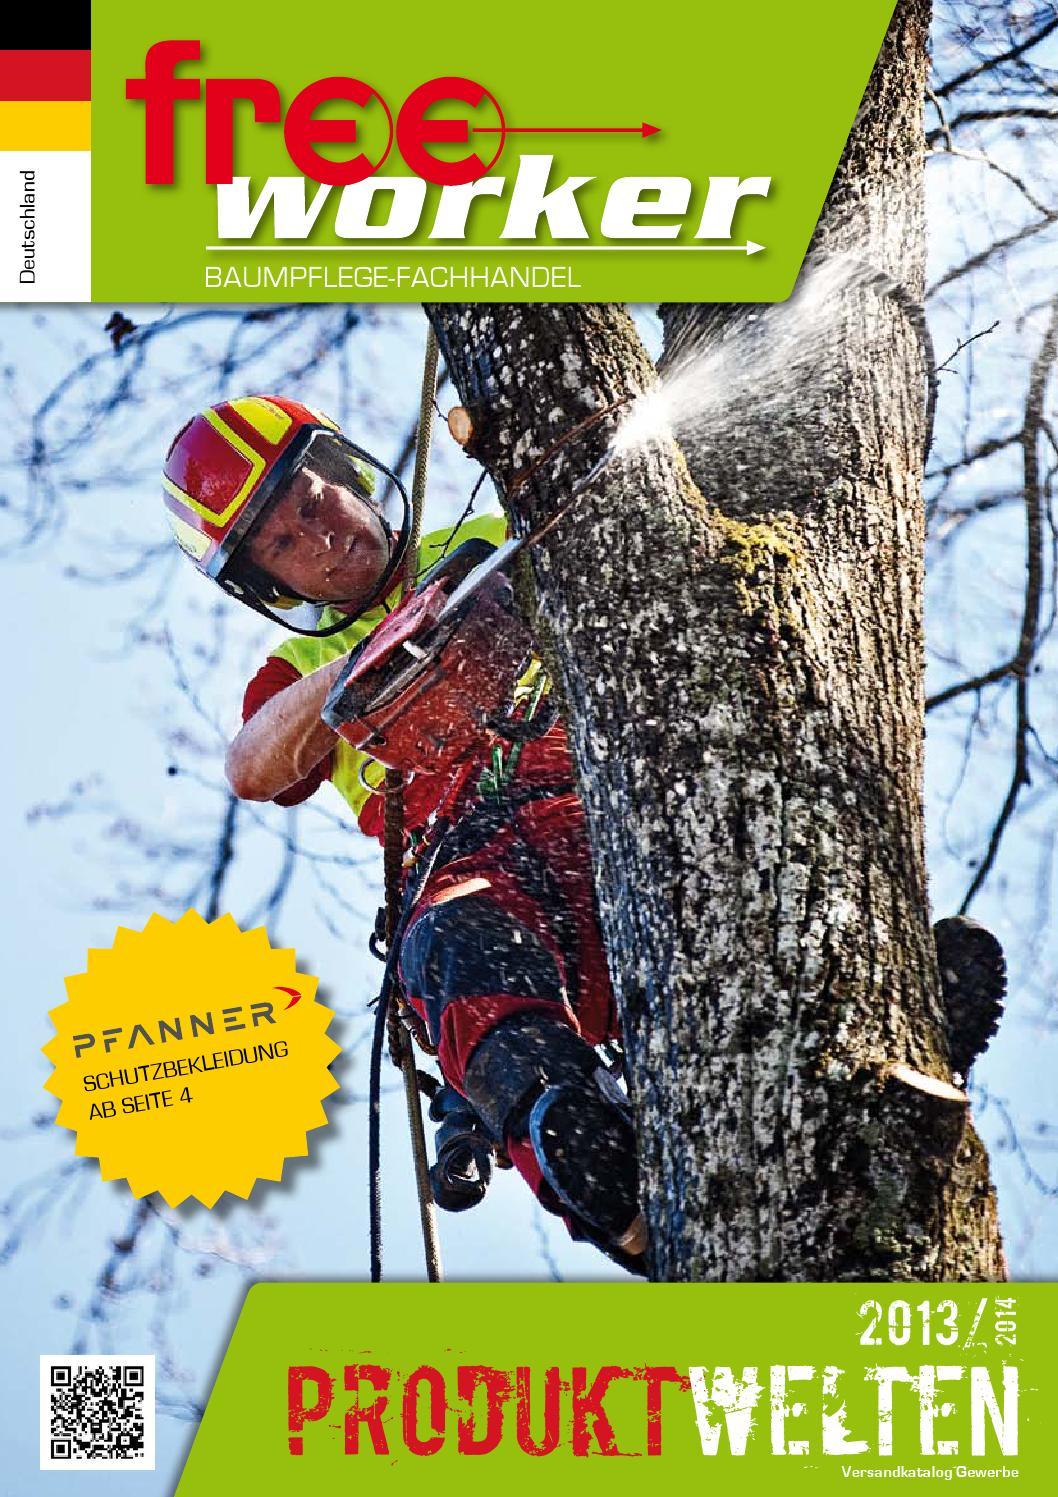 Prusik Cord Auge zu Auge Schleife 22kN 10,5 mm Baum Arborist Klettern